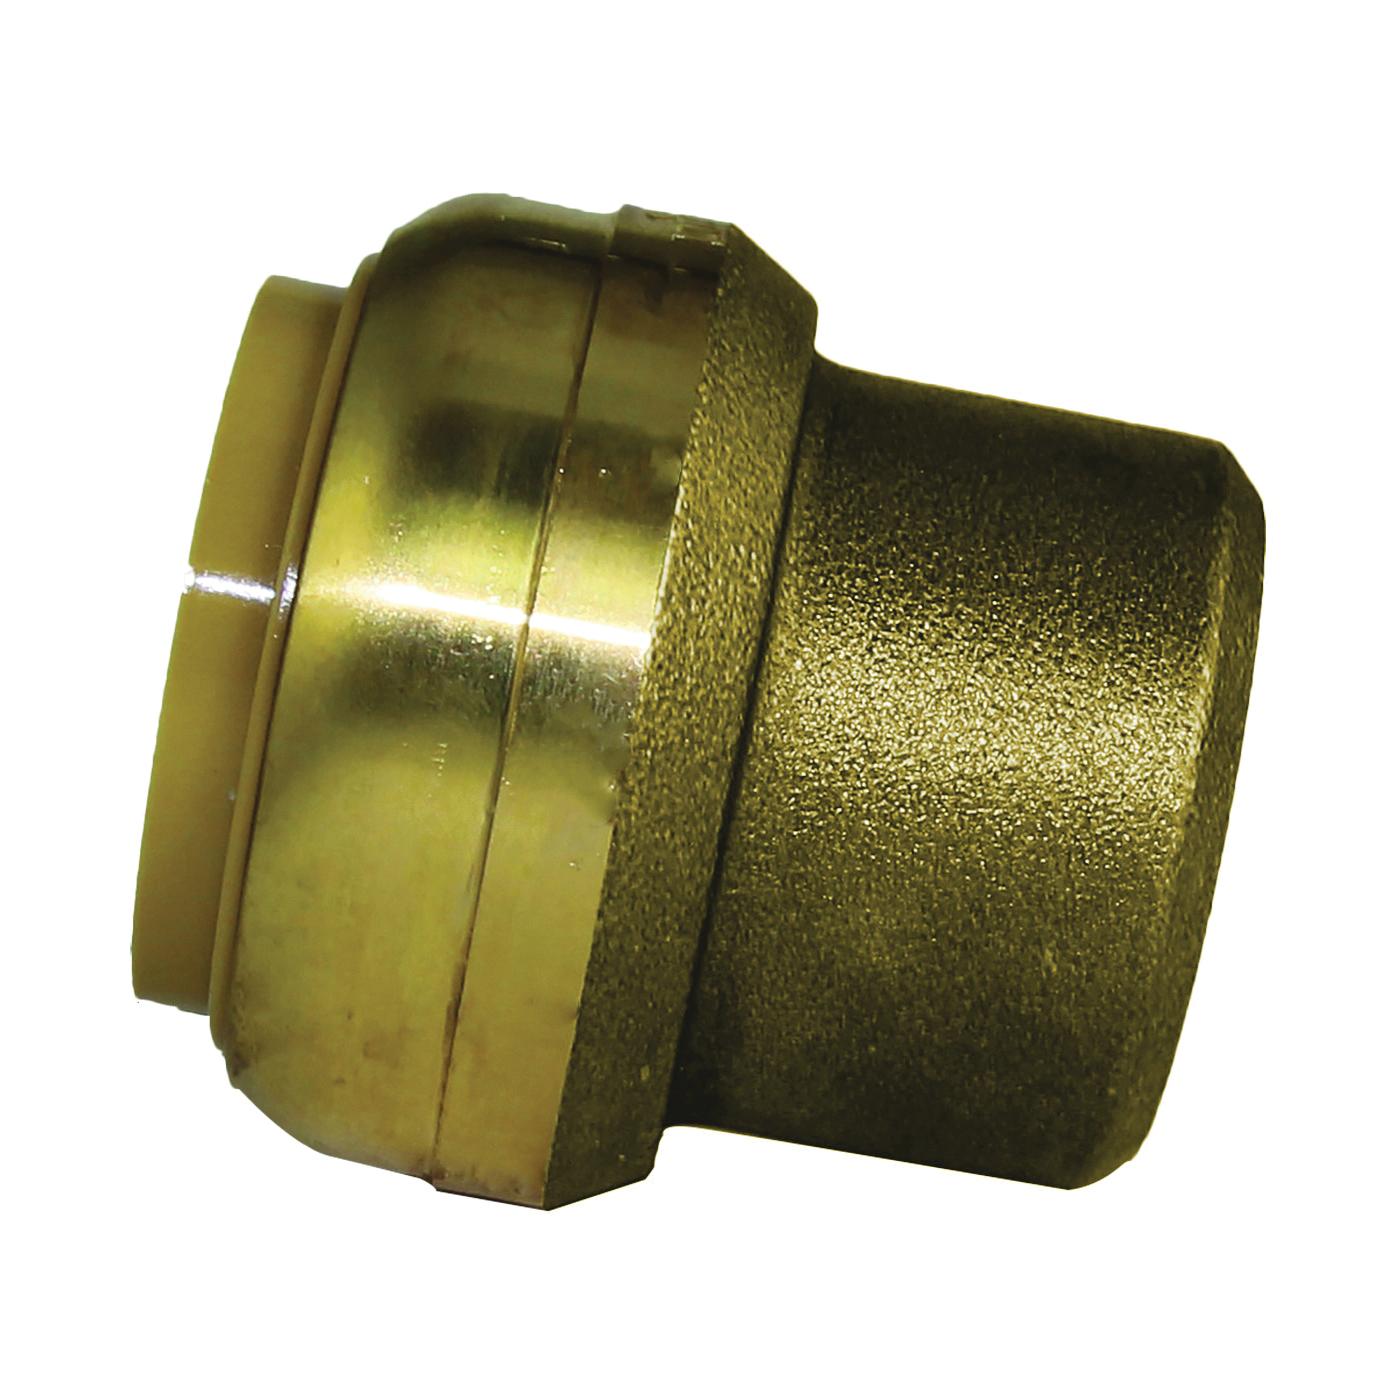 Picture of SharkBite U520LFA End Cap, 1 in, Brass, Chrome, 200 psi Pressure